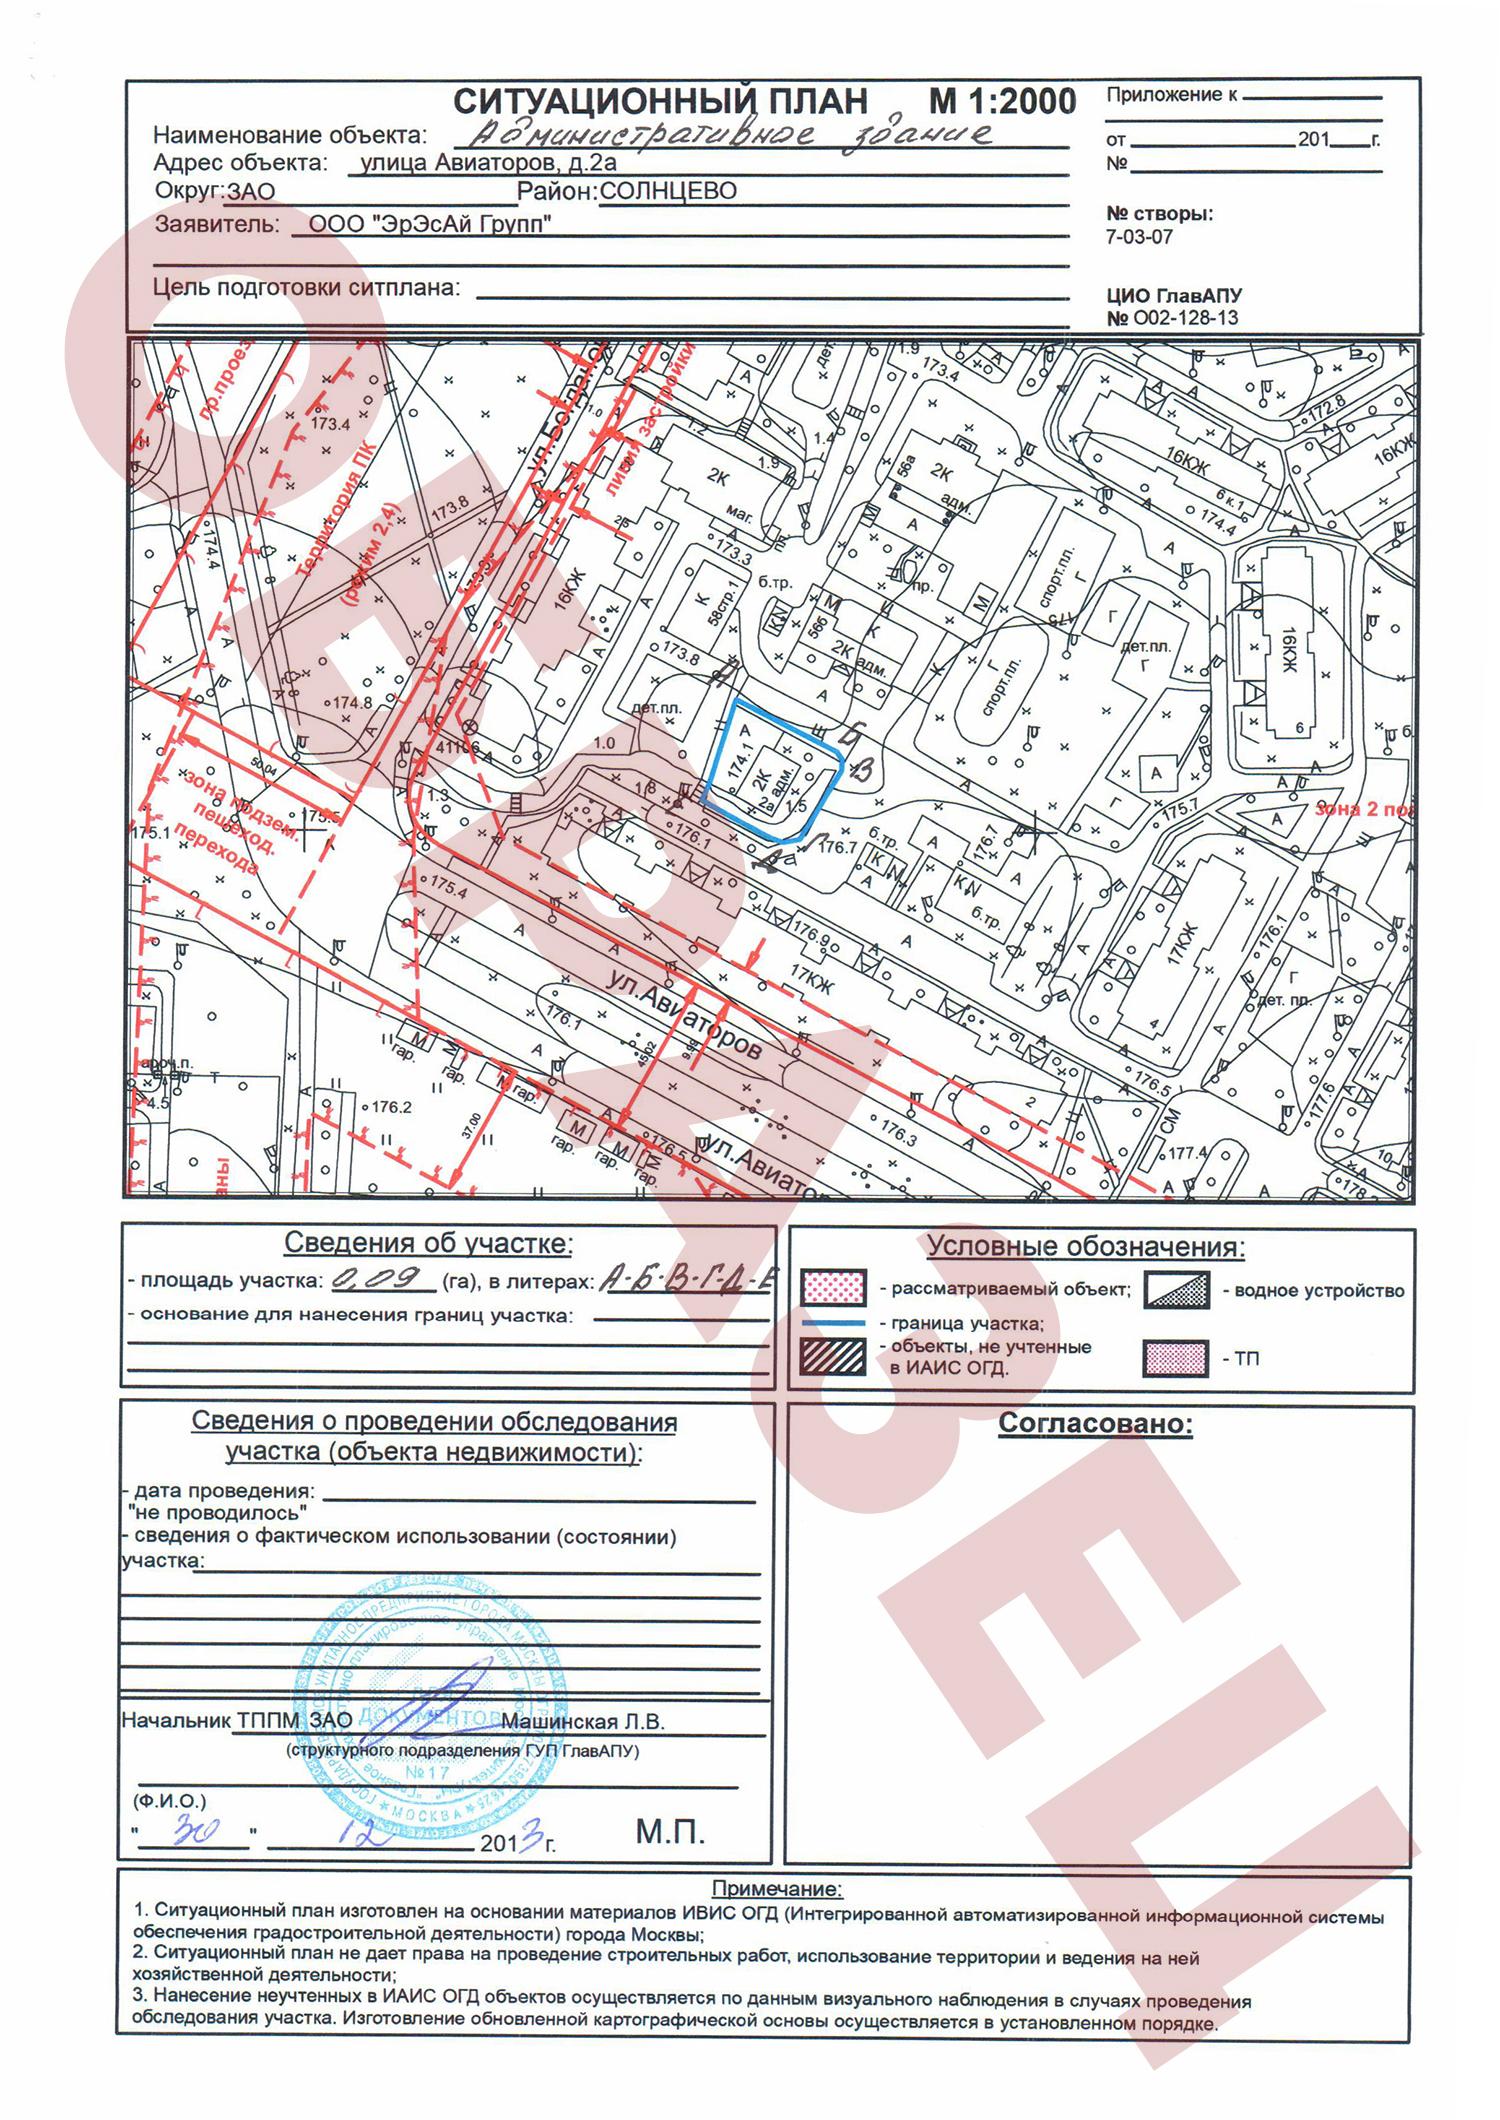 Таким Ситуационный план земельного участка где получить что искал